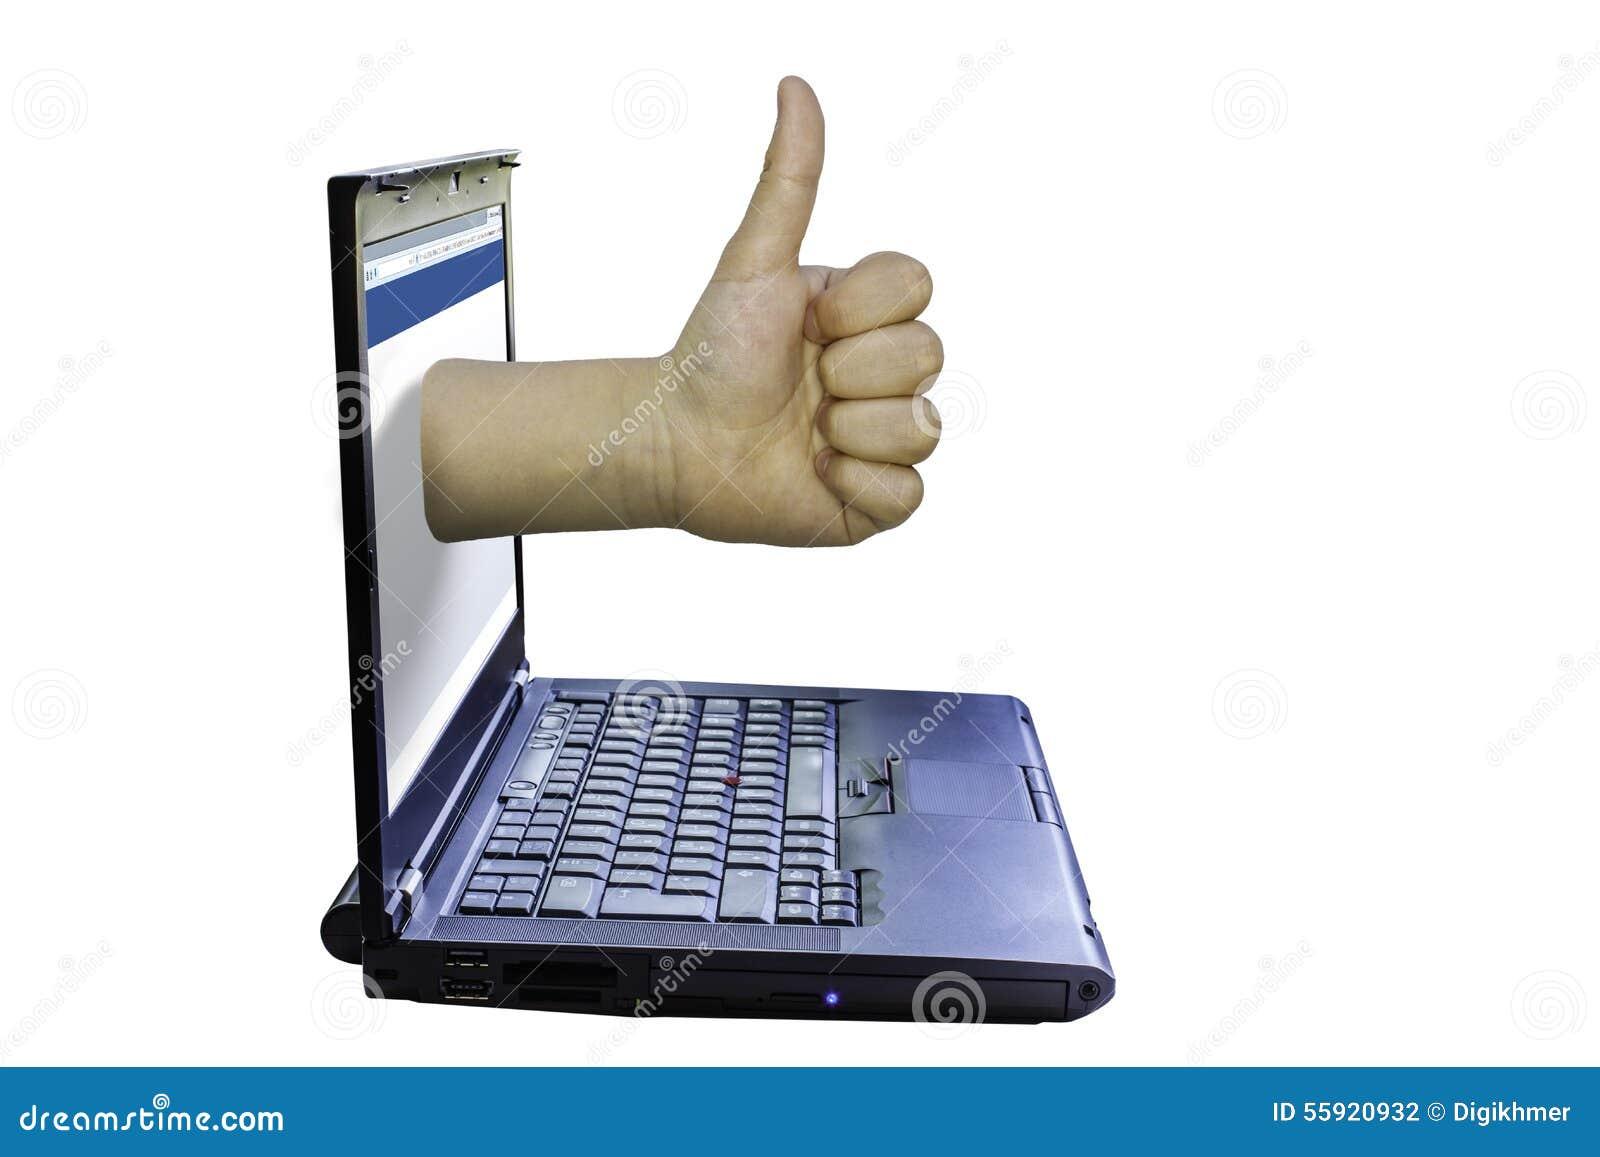 Secured laptop